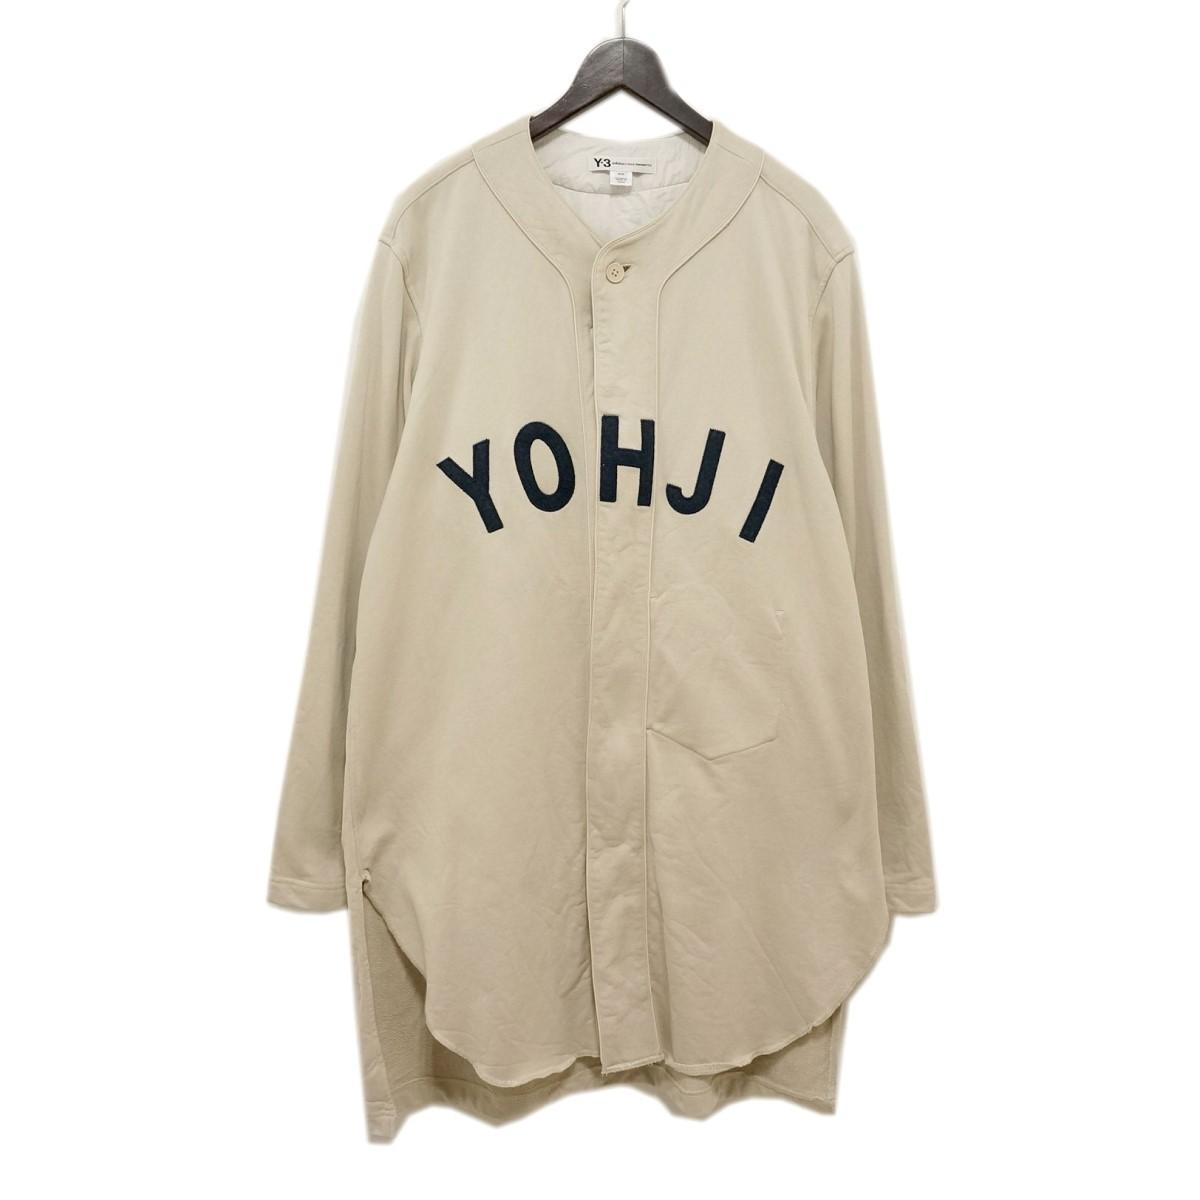 【中古】Y-3 19AW ロゴベースボールシャツ ベージュ サイズ:M 【090220】(ワイスリー)